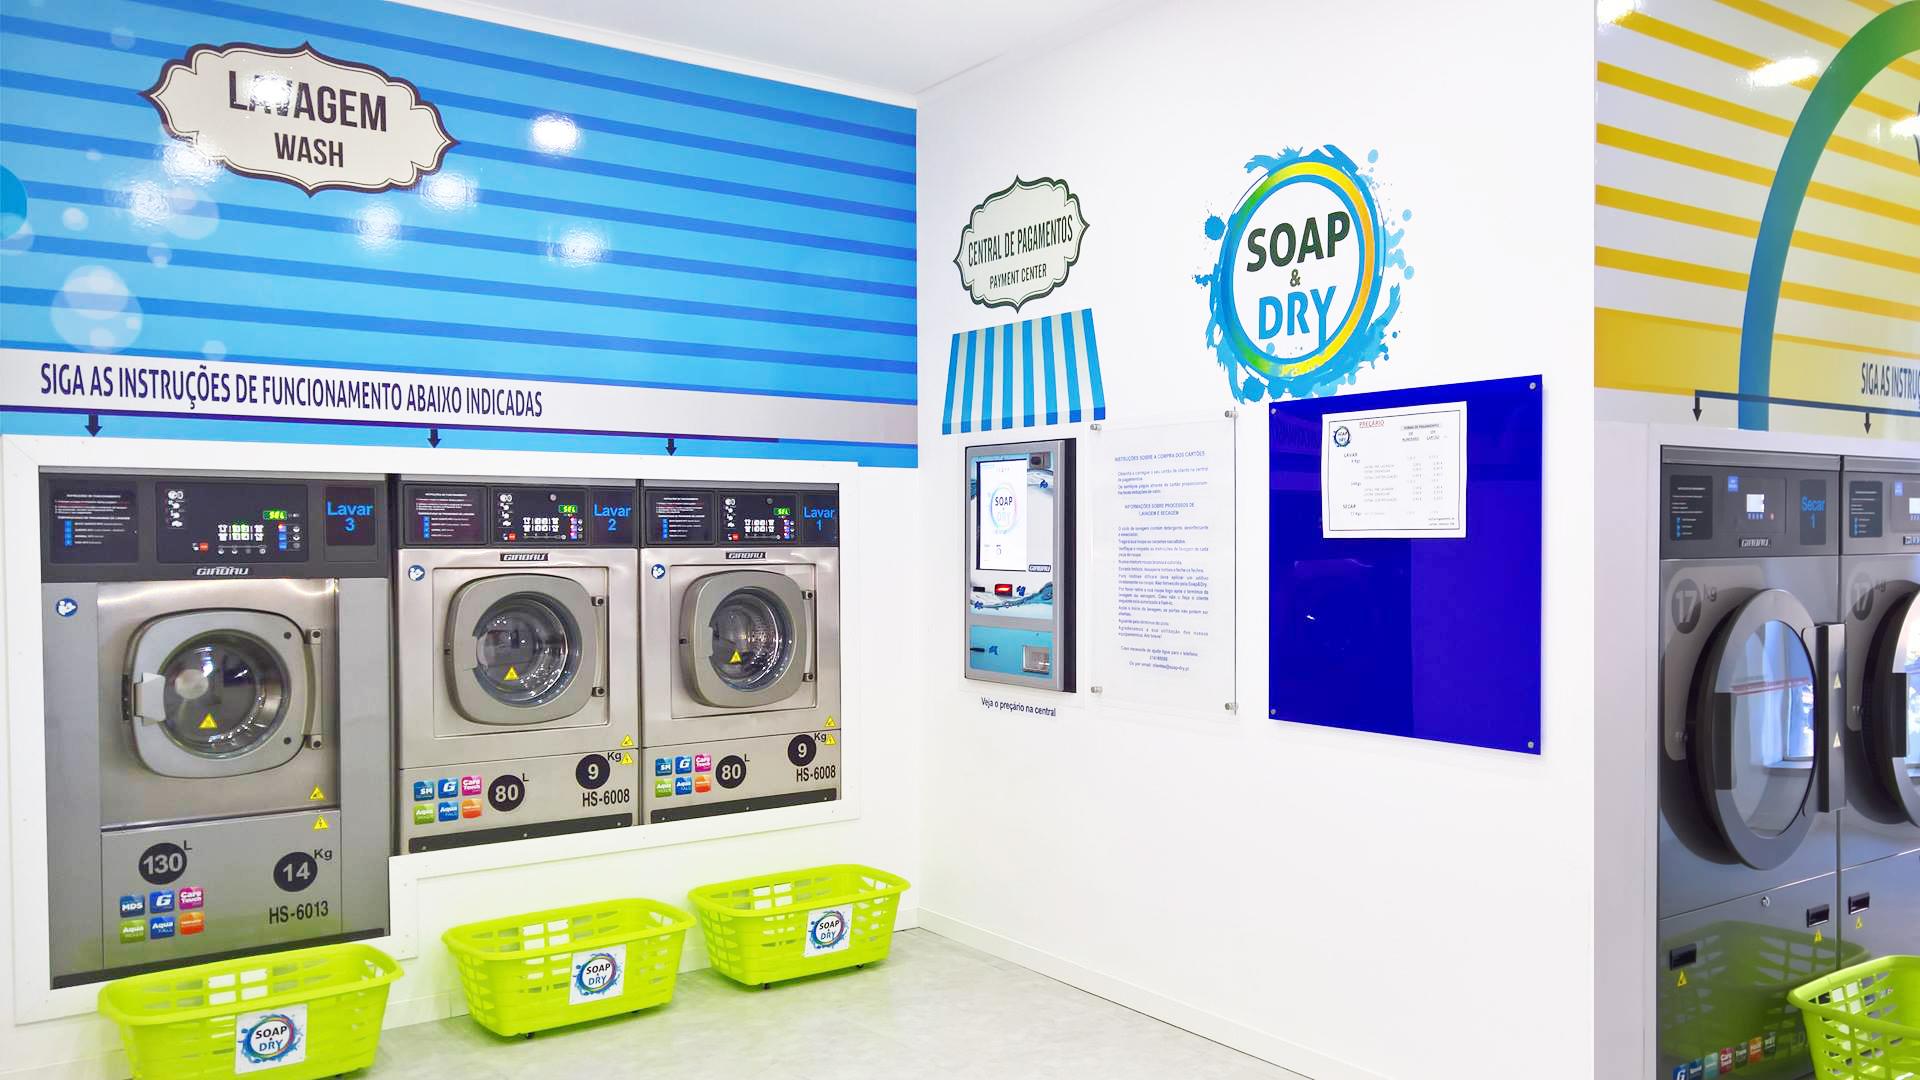 sobre nós - Soap & Dry Lavandaria Self Service em Algés, Miraflores, Linda a Velha, Pedrouços, Belém, Restelo, Cruz Quebrada, Dafundo, Oeiras